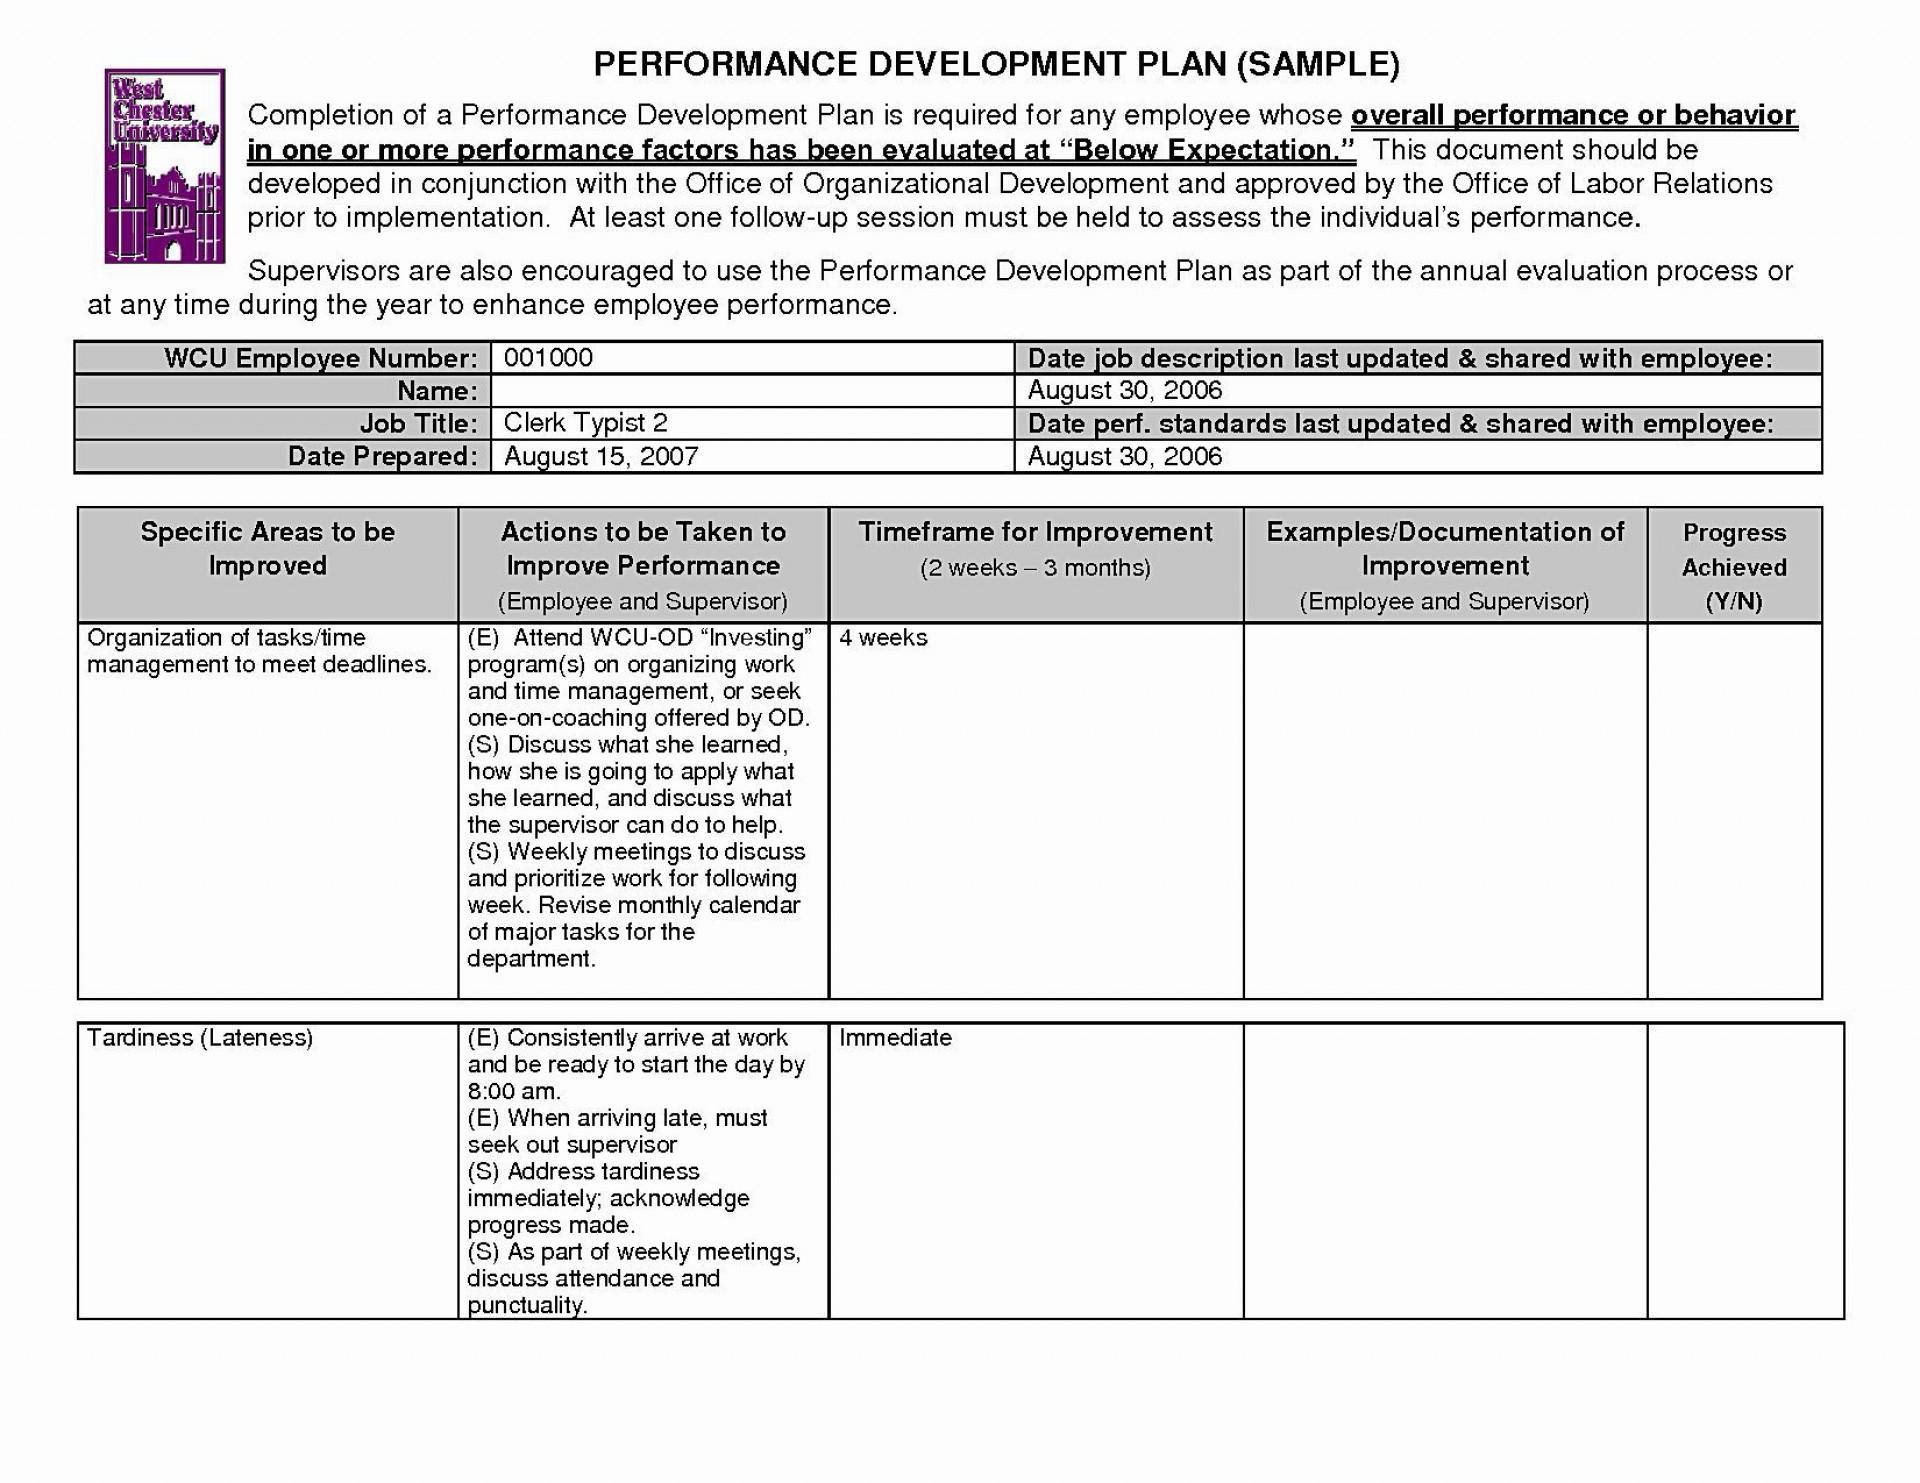 001 Rare Employee Development Plan Template High Def  Ppt Free1920